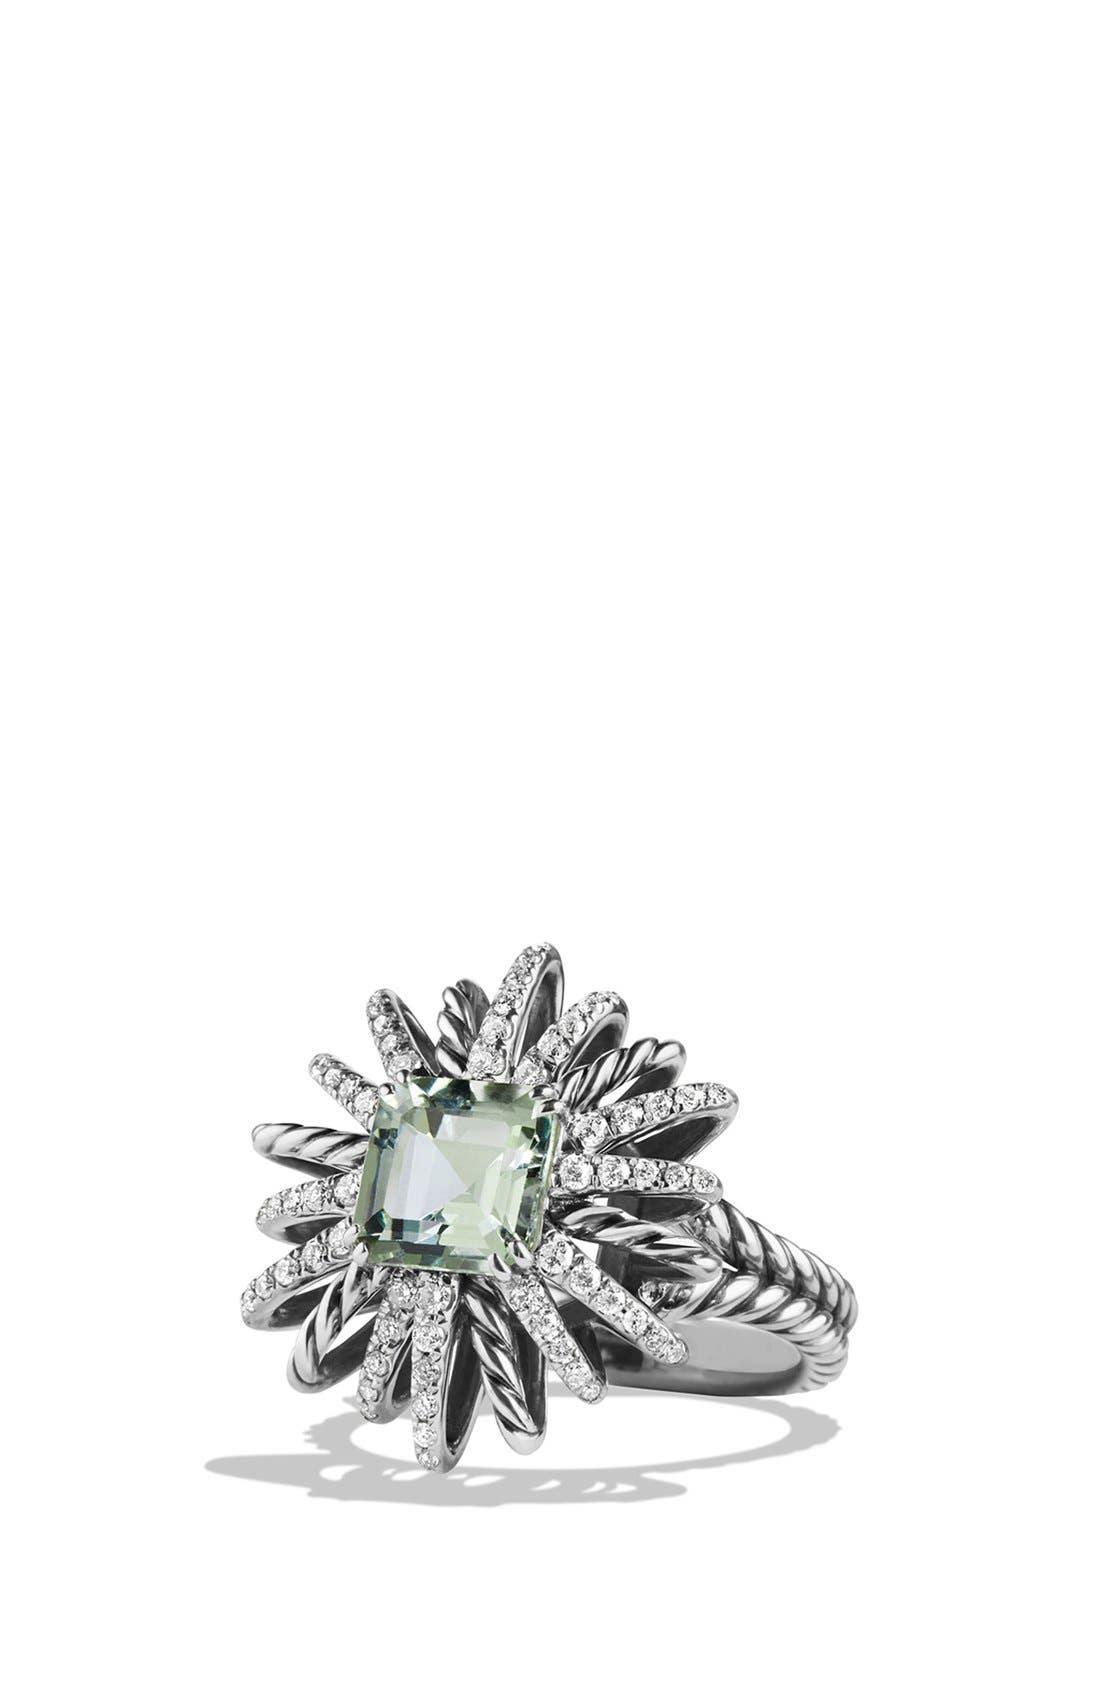 David Yurman 'Starburst' Ring